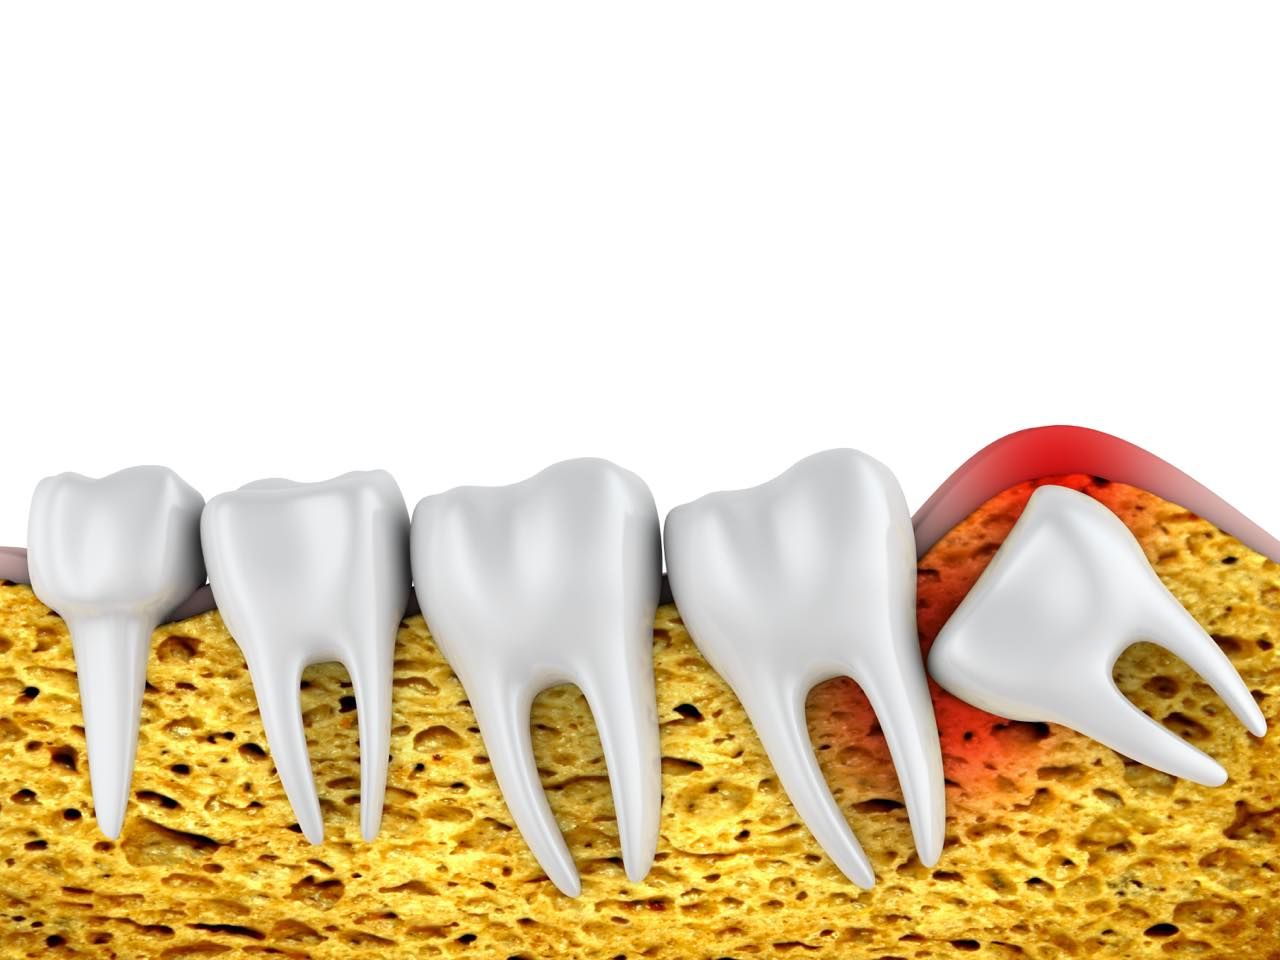 矯正前に親知らずの抜歯は必要?歯並びと親知らずの関係も解説